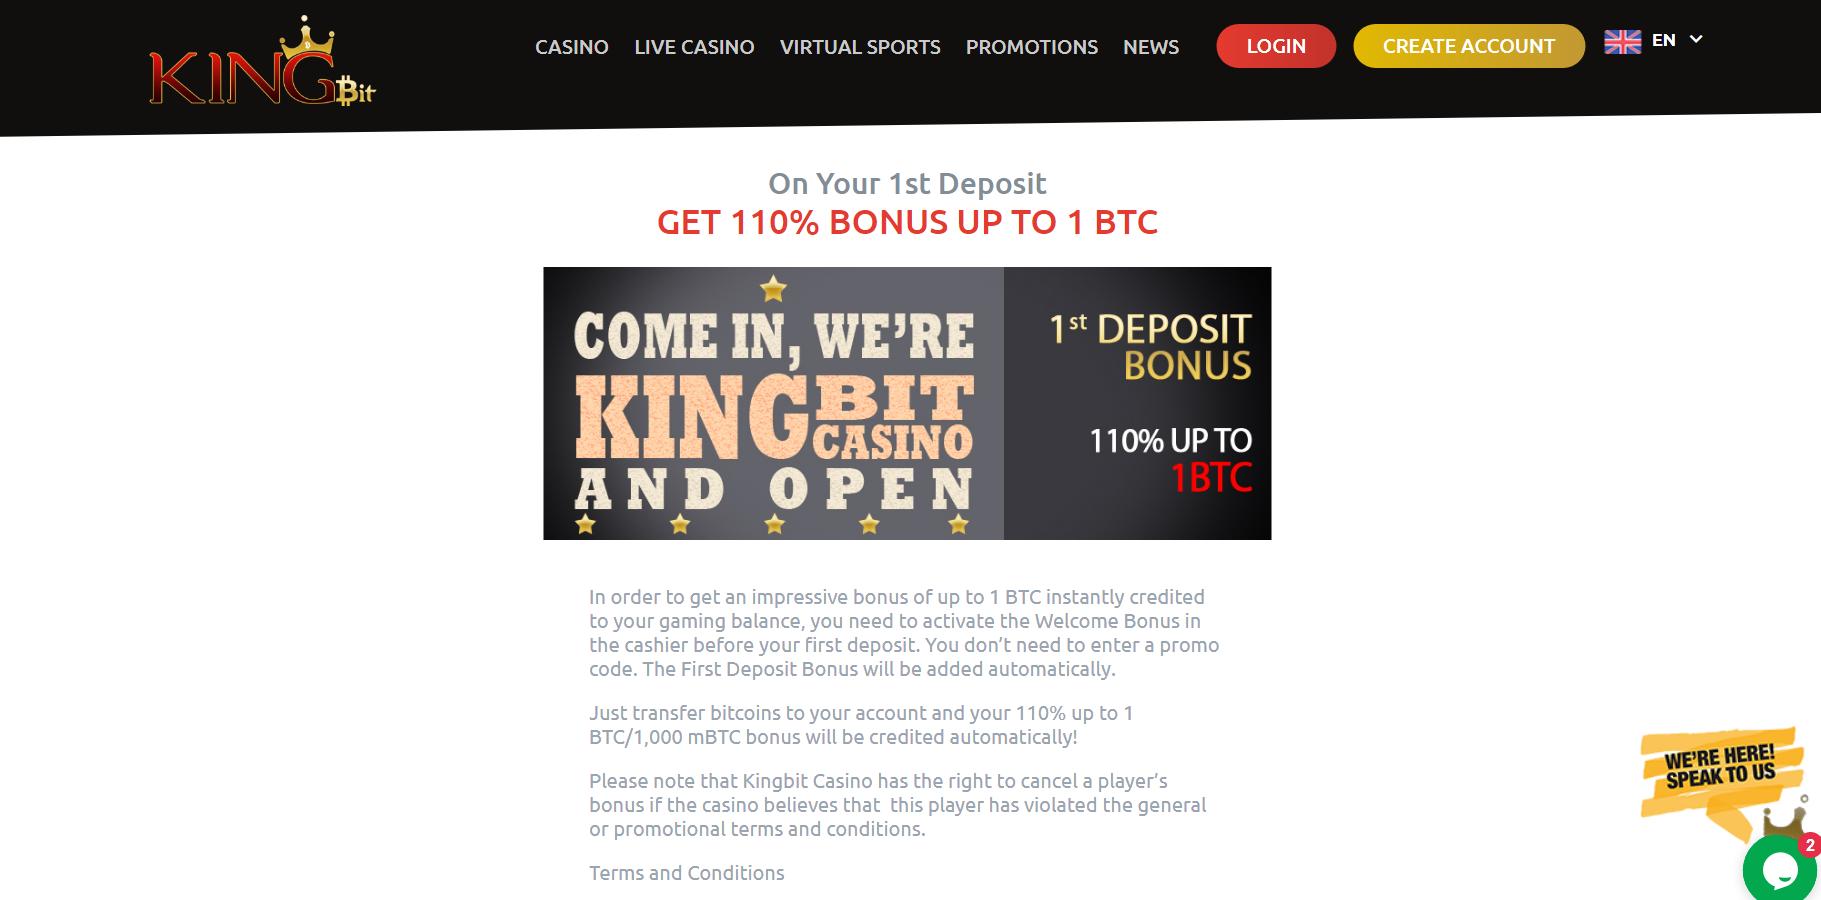 miglior bonus di deposito bitcoin